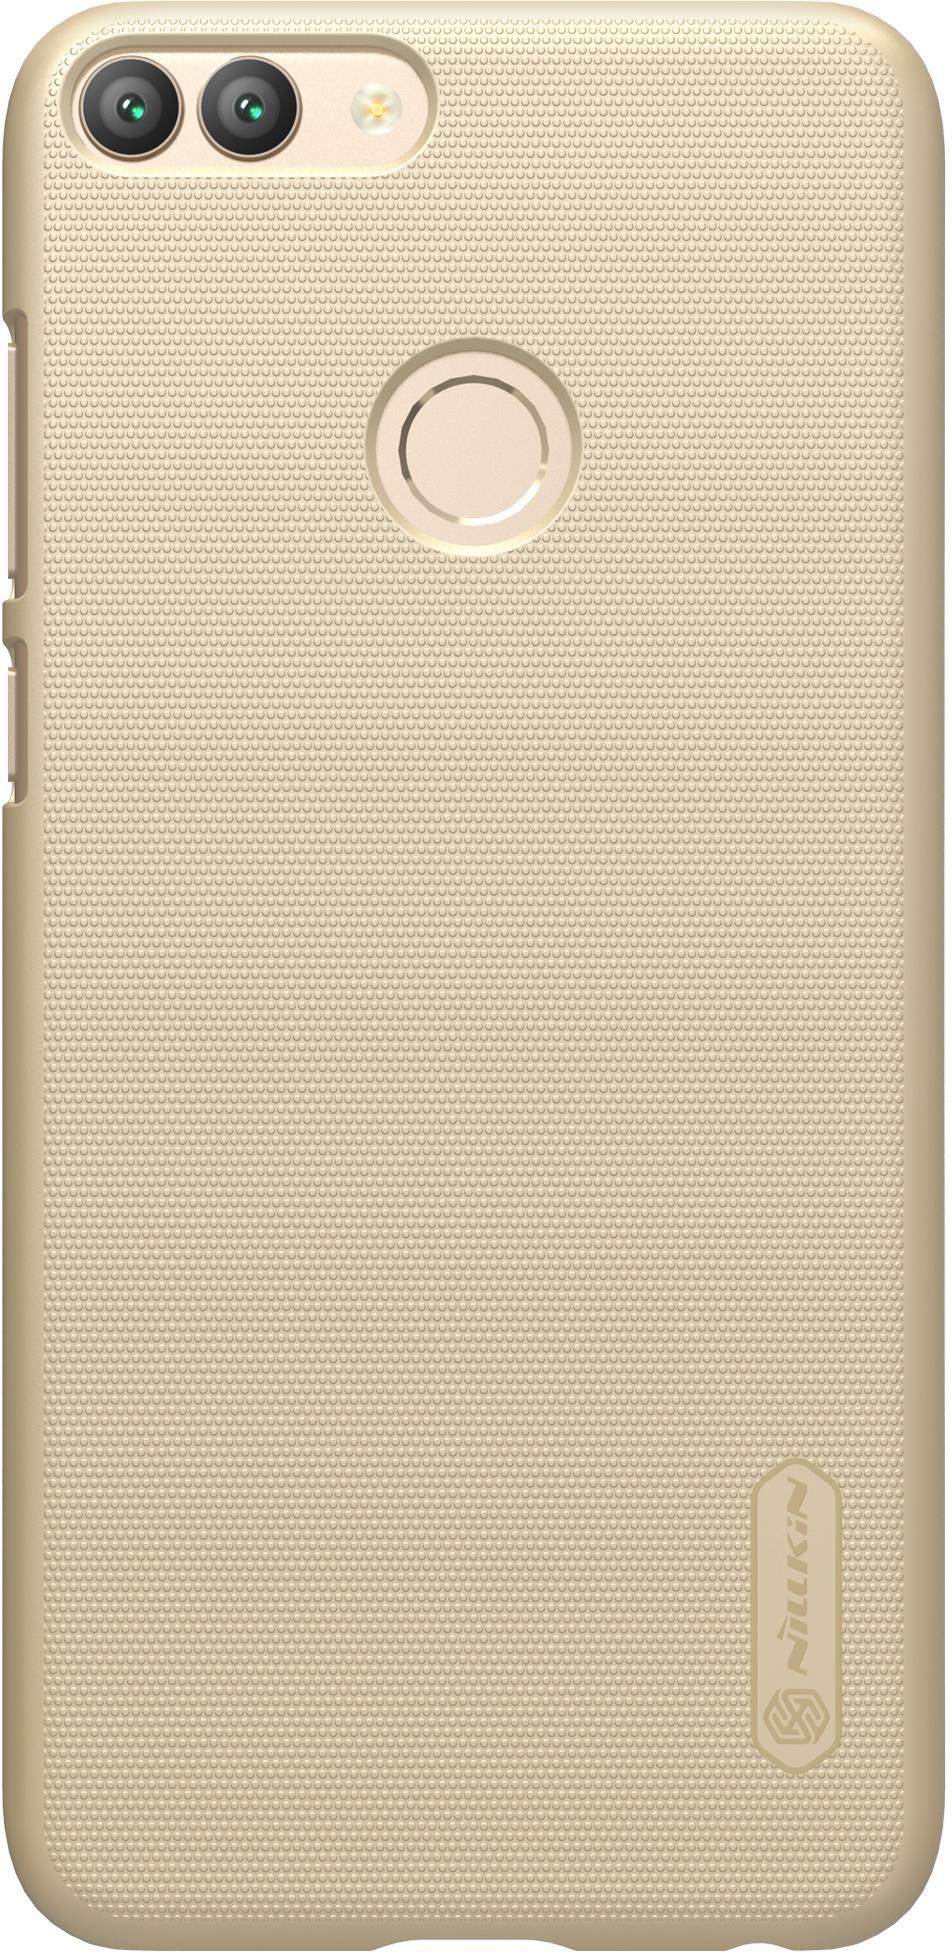 Чехол для сотового телефона Nillkin Super Frosted, 6902048152236, золотой